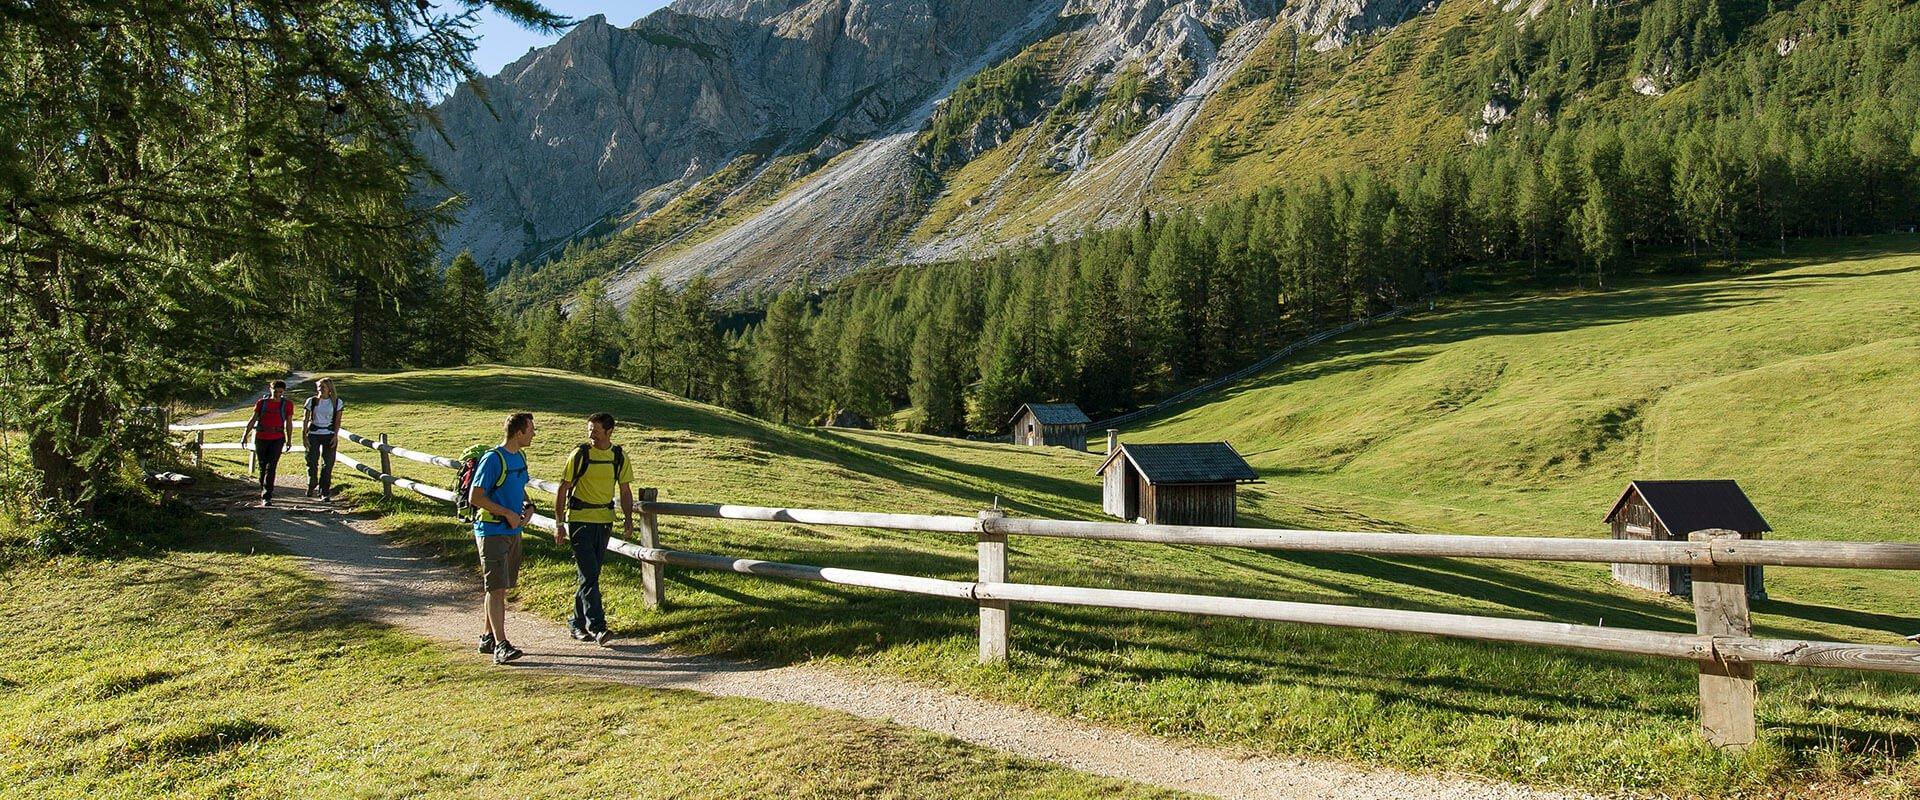 Wanderparadies Plose – Bergerlebnisse vor alpiner Kulisse im Eisacktal